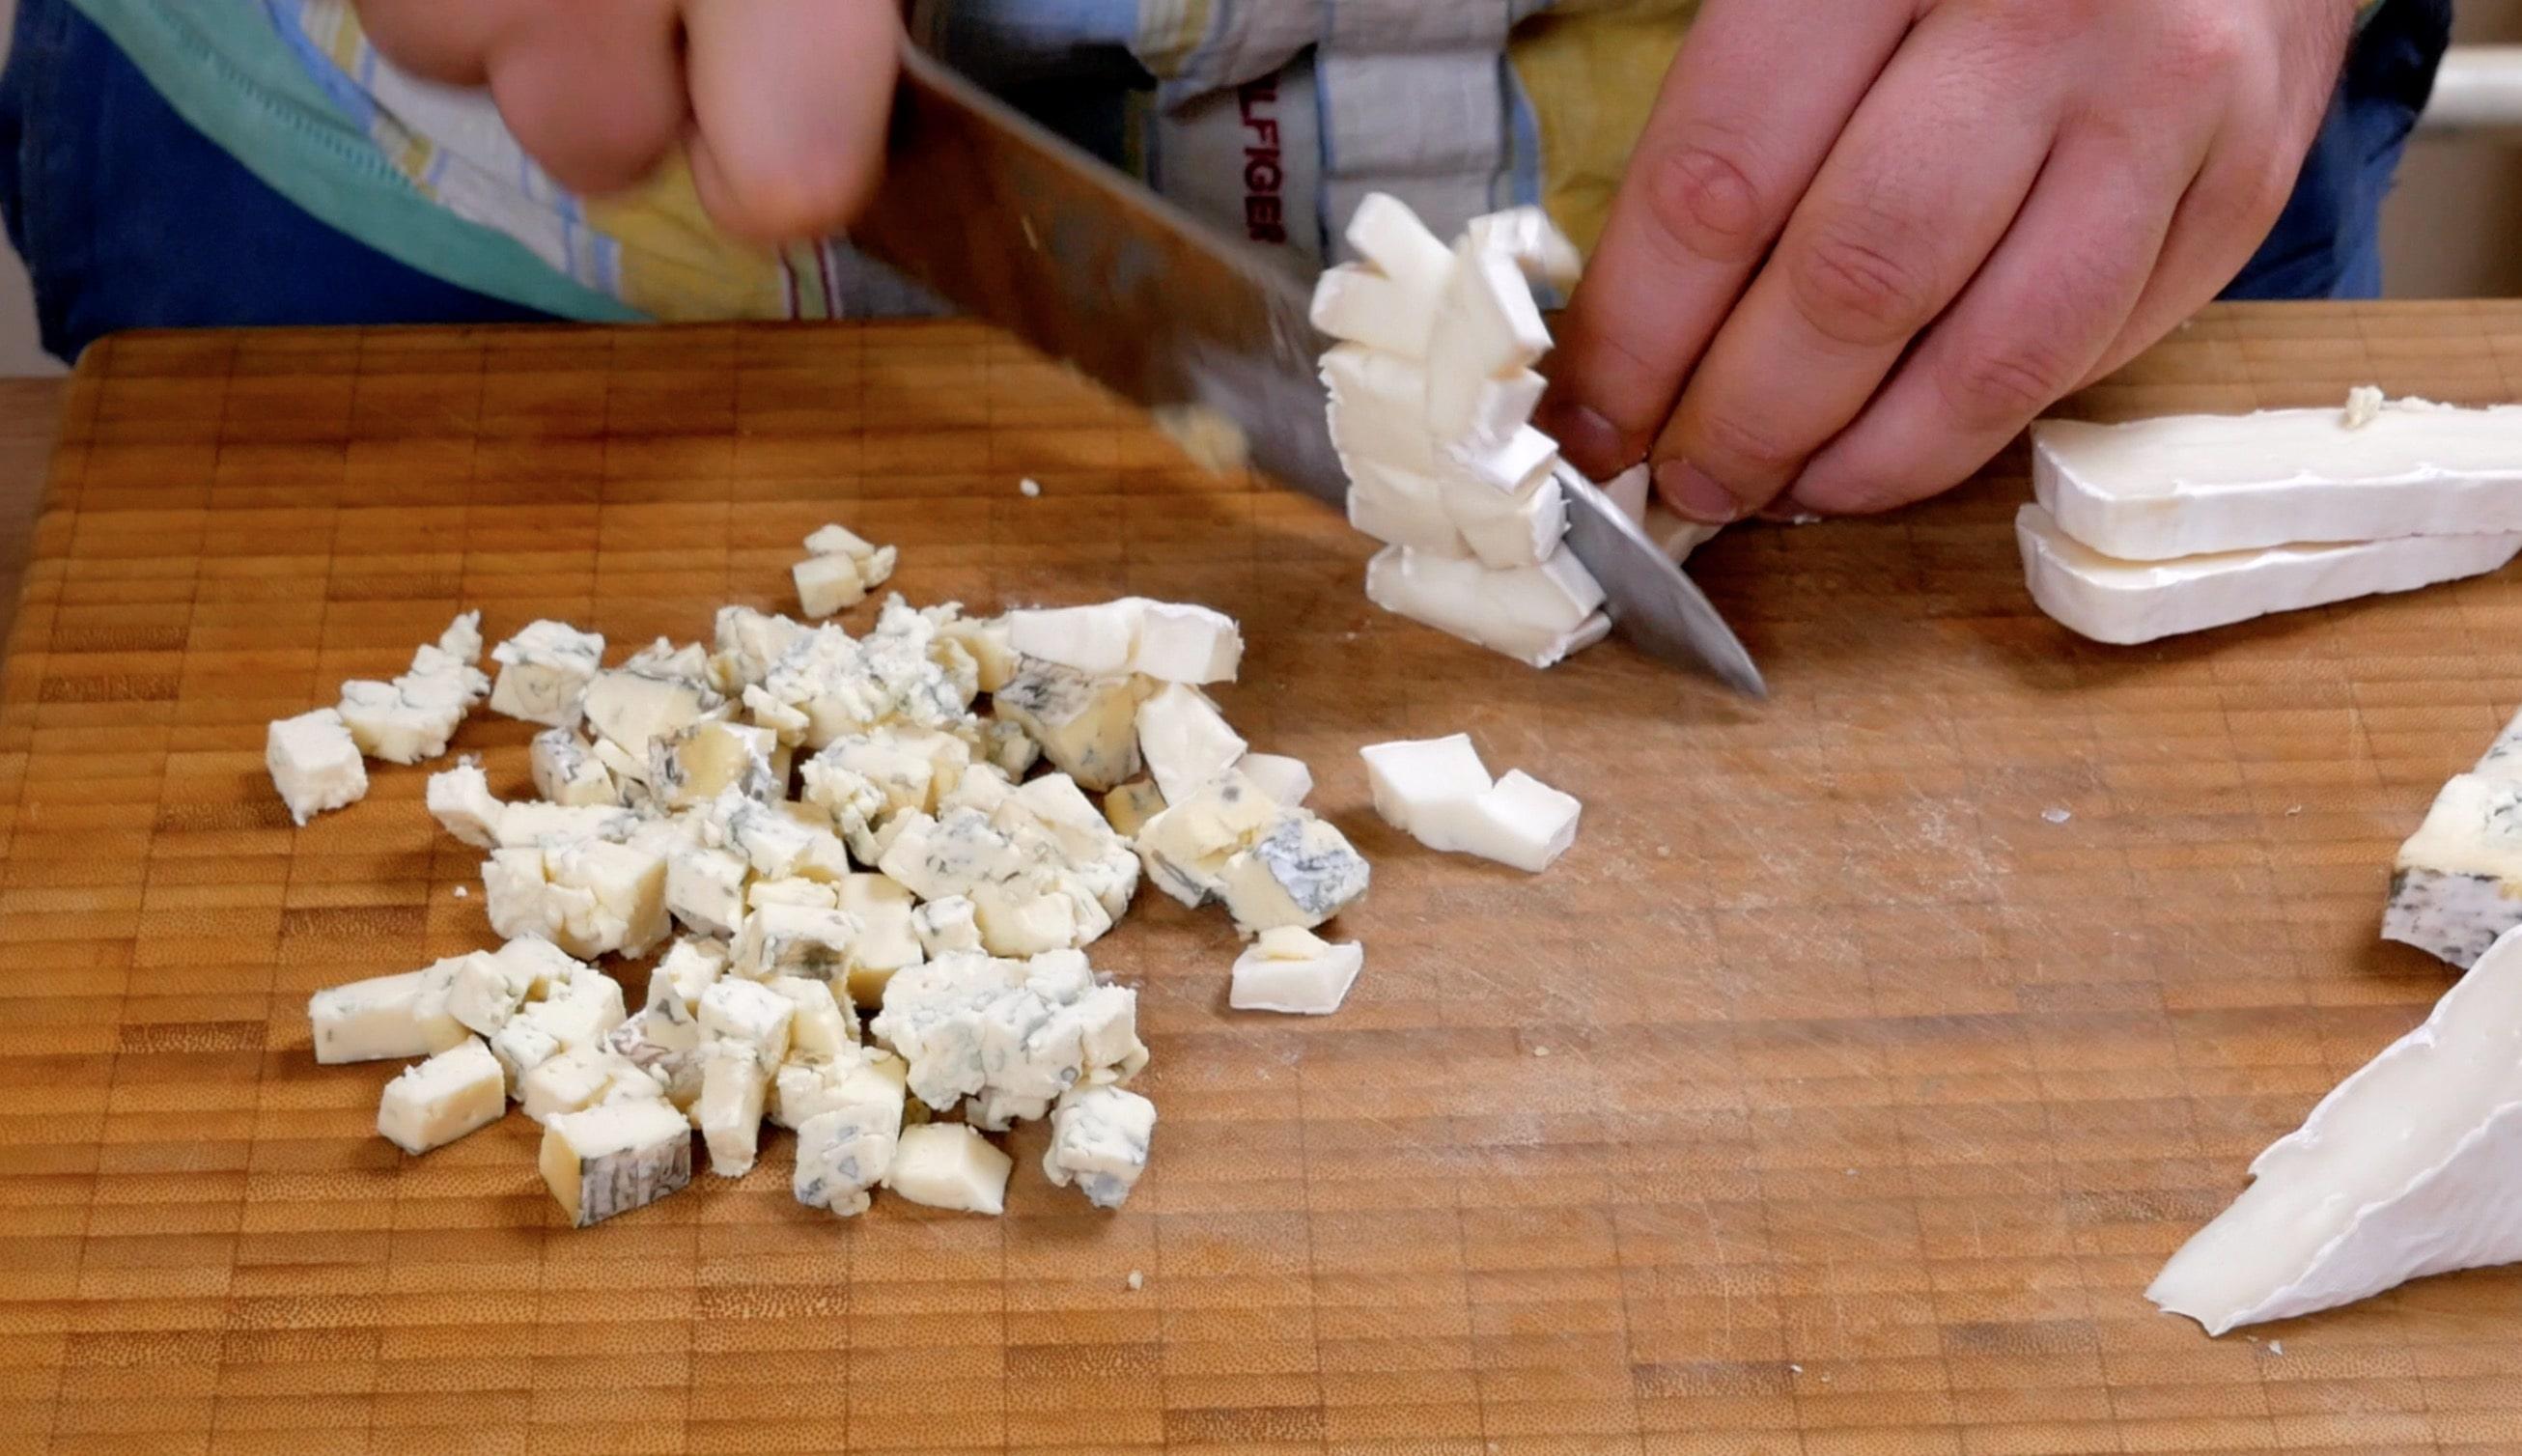 Нарезаем кубиками маасдам, сыр с белой плесенью, сыр с голубой плесенью